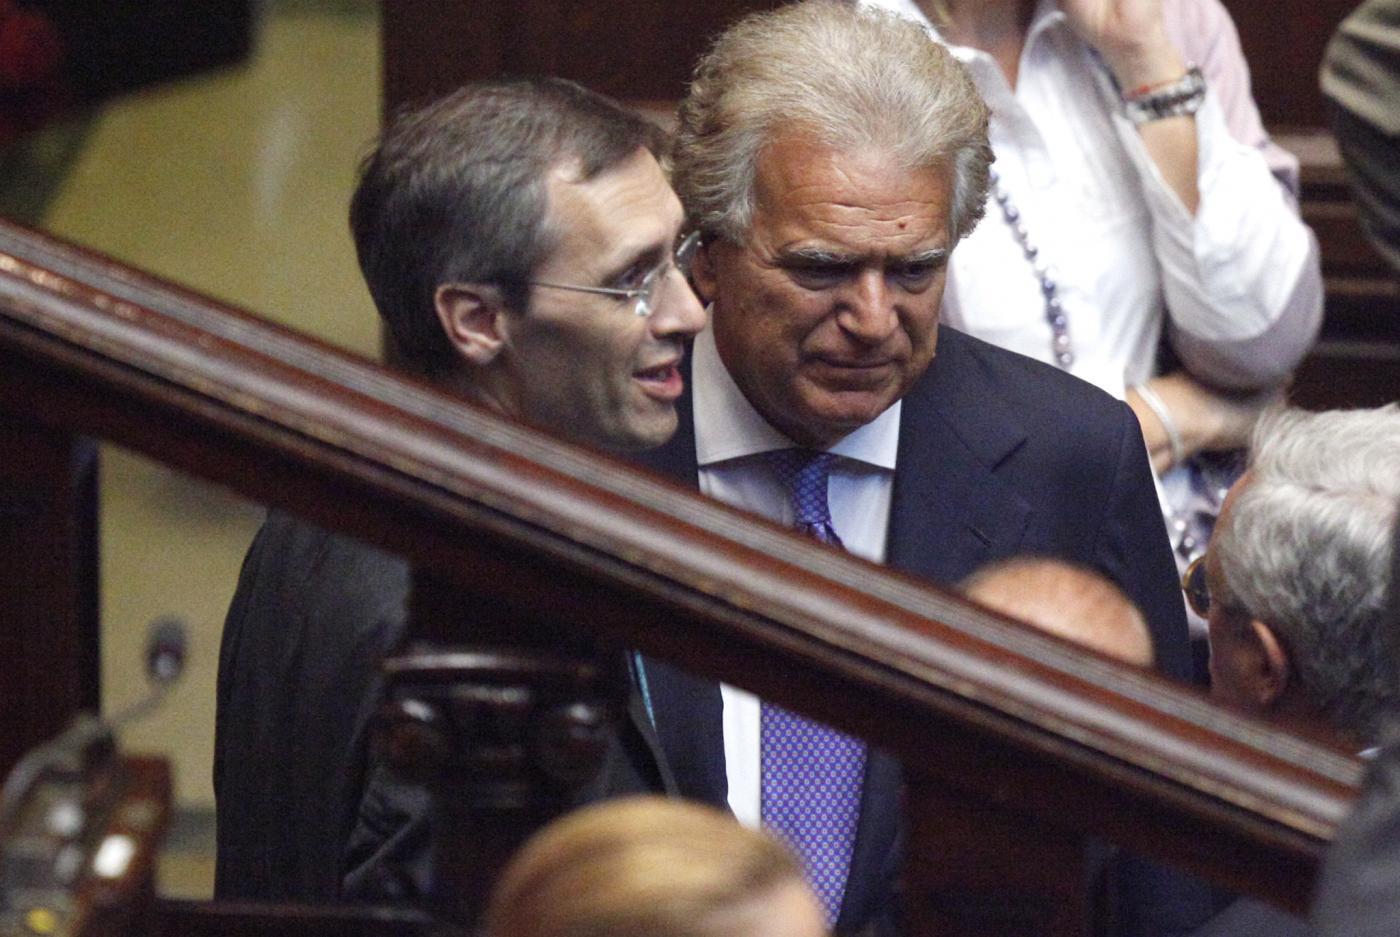 Politici assenteisti: Ghedini, Verdini e Angelucci i meno presenti in aula